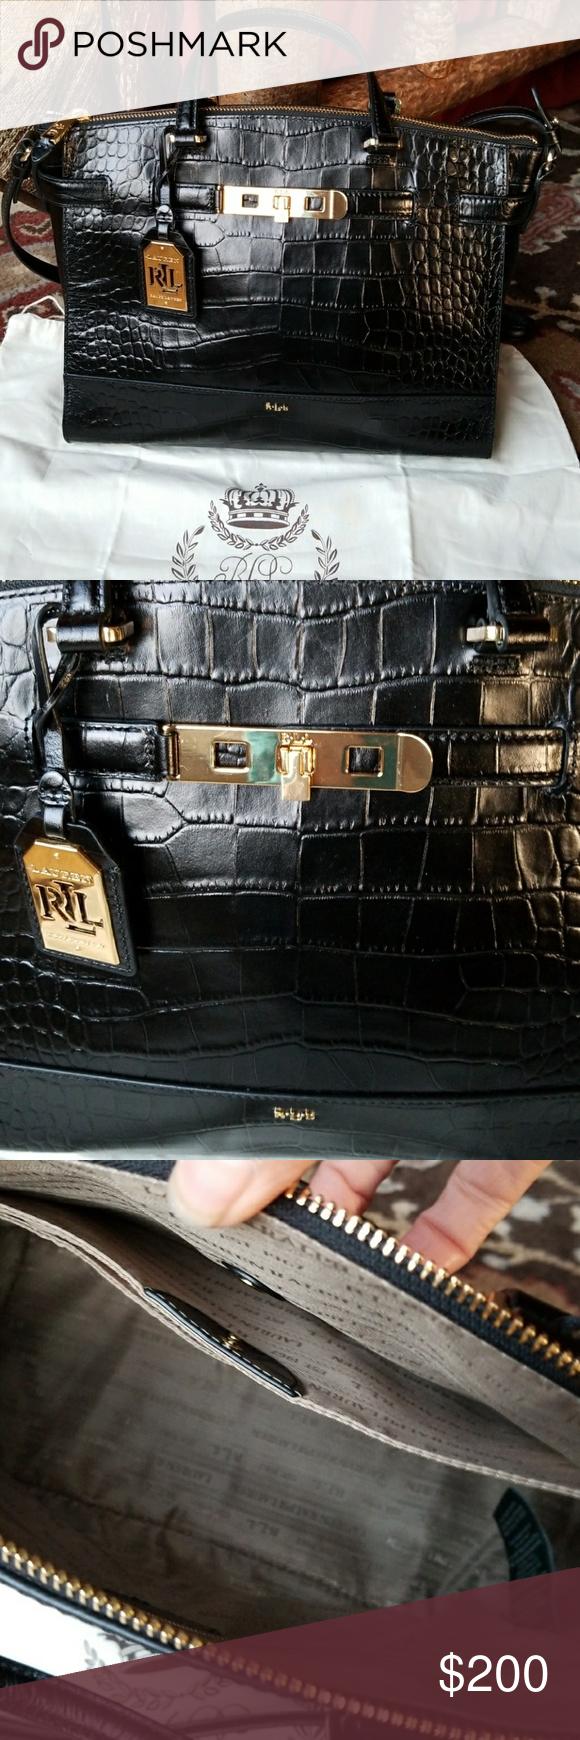 0252d435747 Ralph Lauren Crocodile Bag Price - Artistic Endeavours